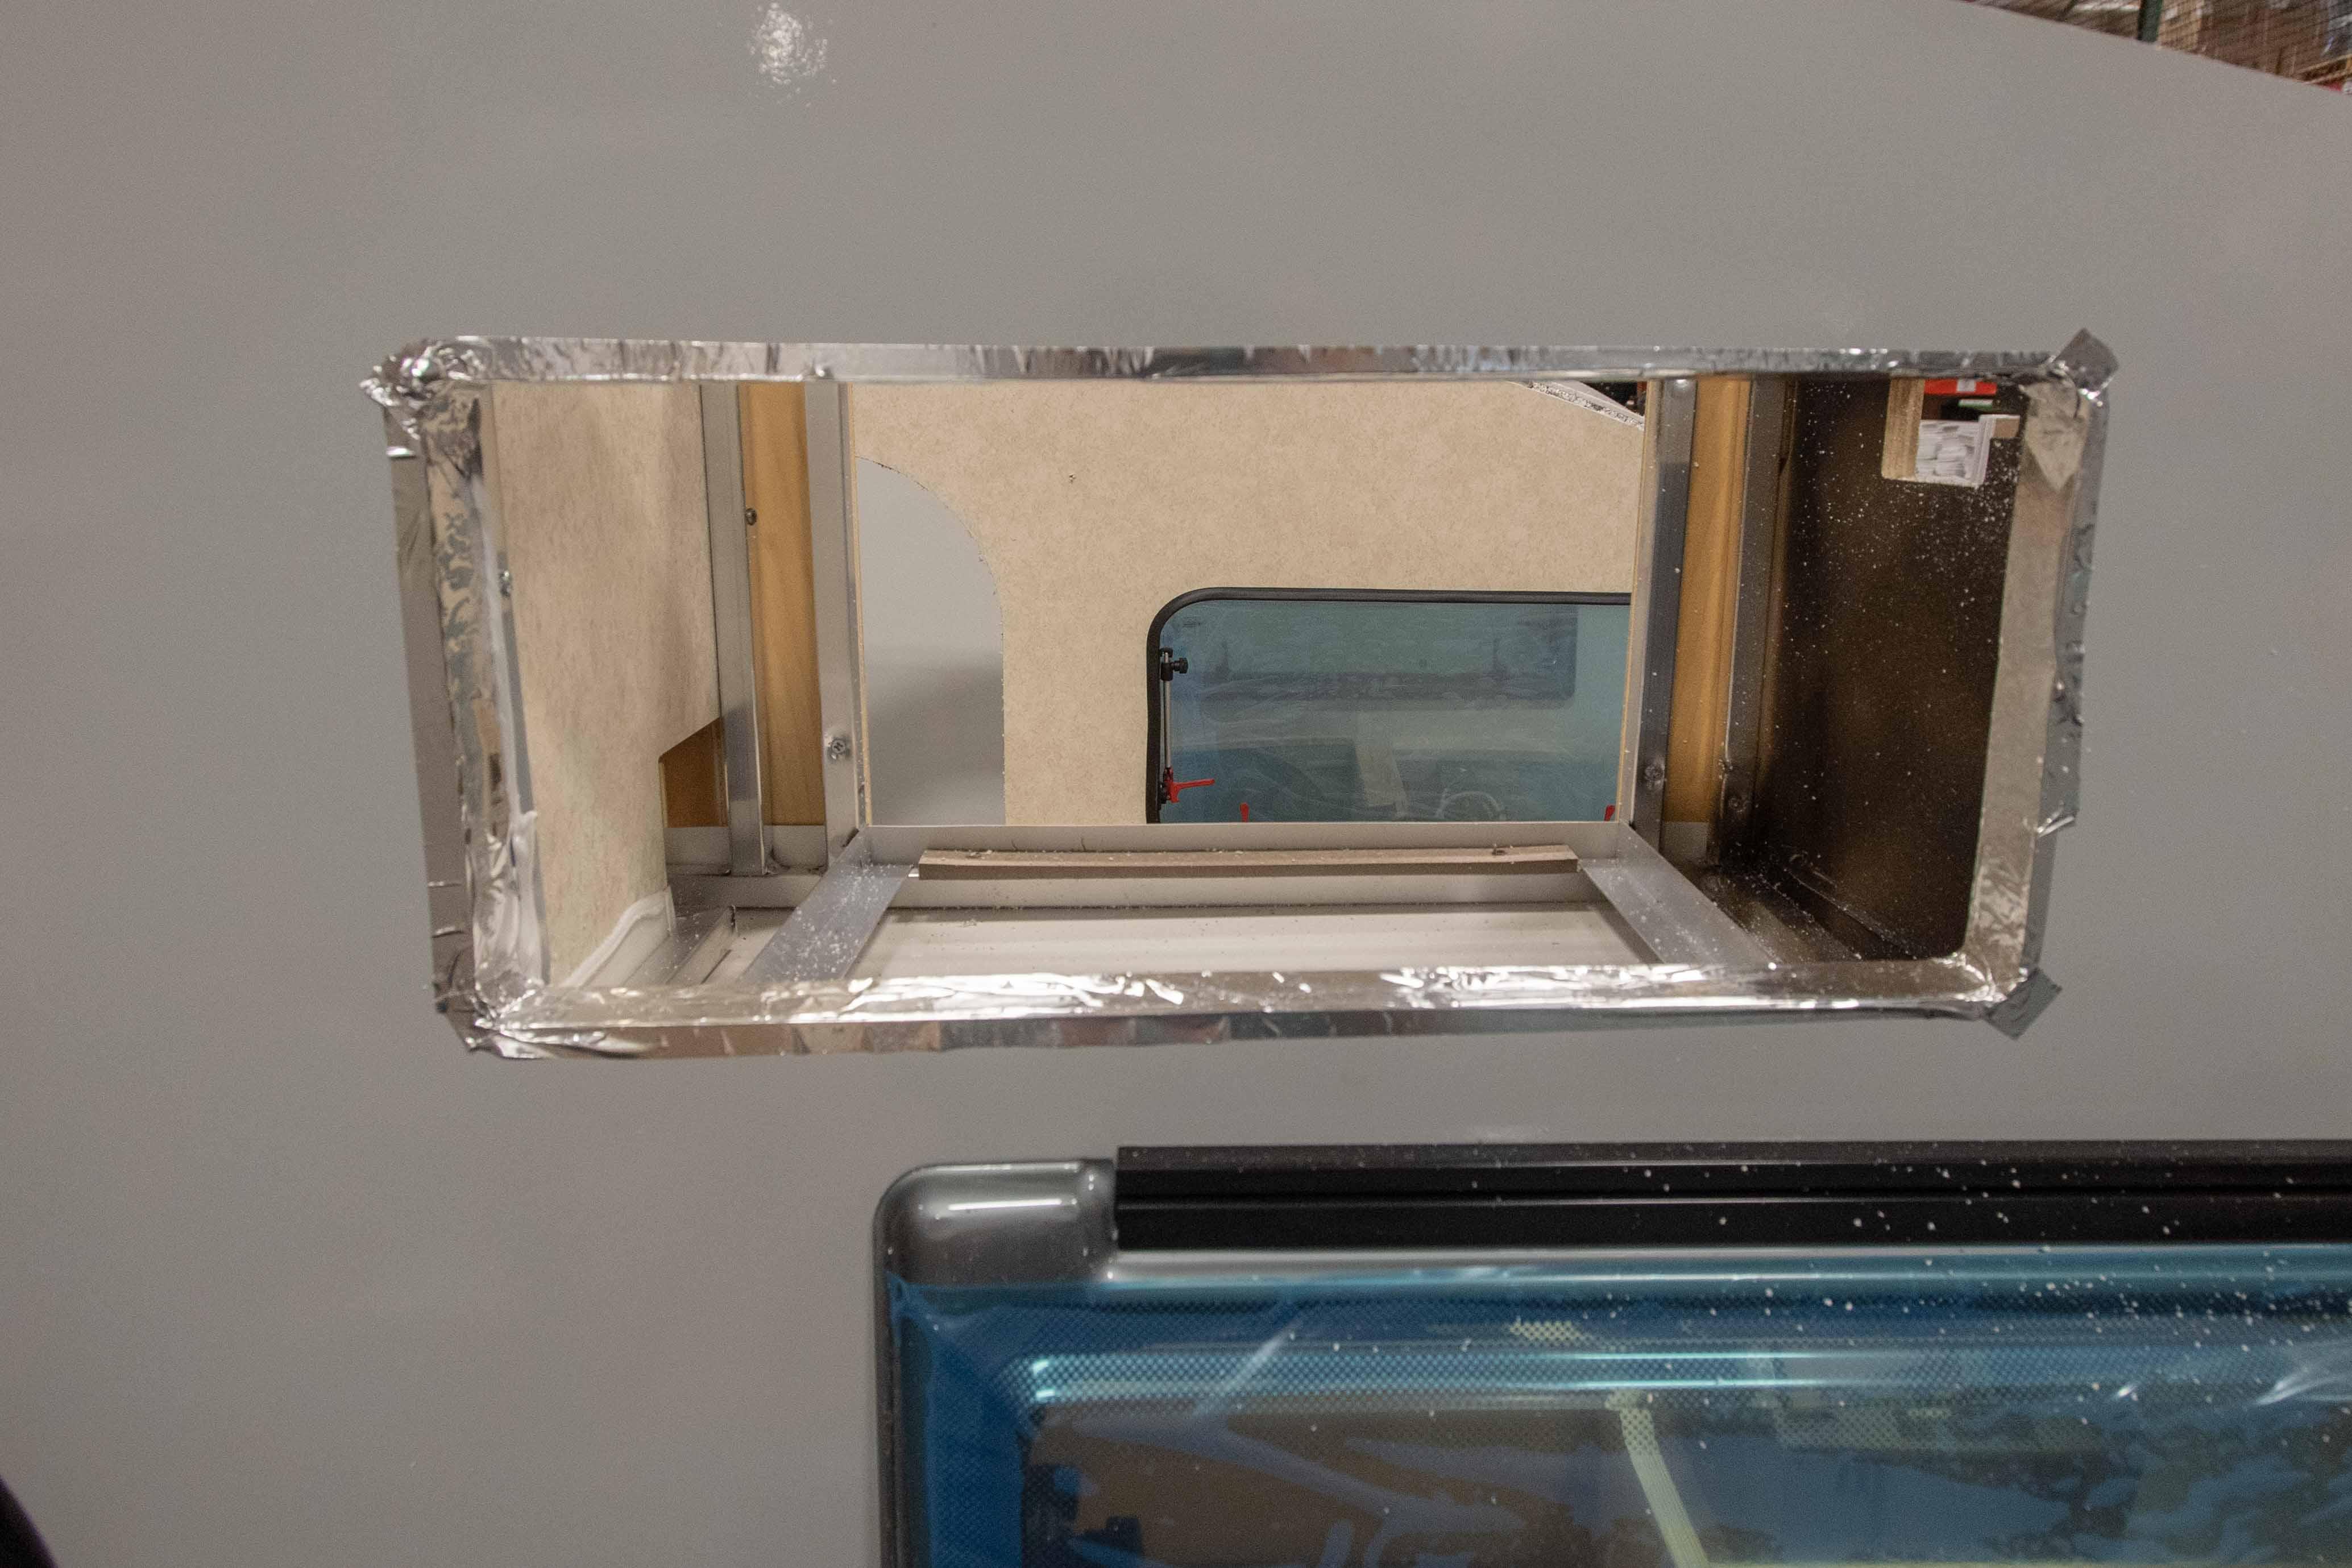 Photos de T@B 320 d'usine montrant les emplacements des objets avant qu'ils ne soient cachés dans les murs L0c6w5prw349